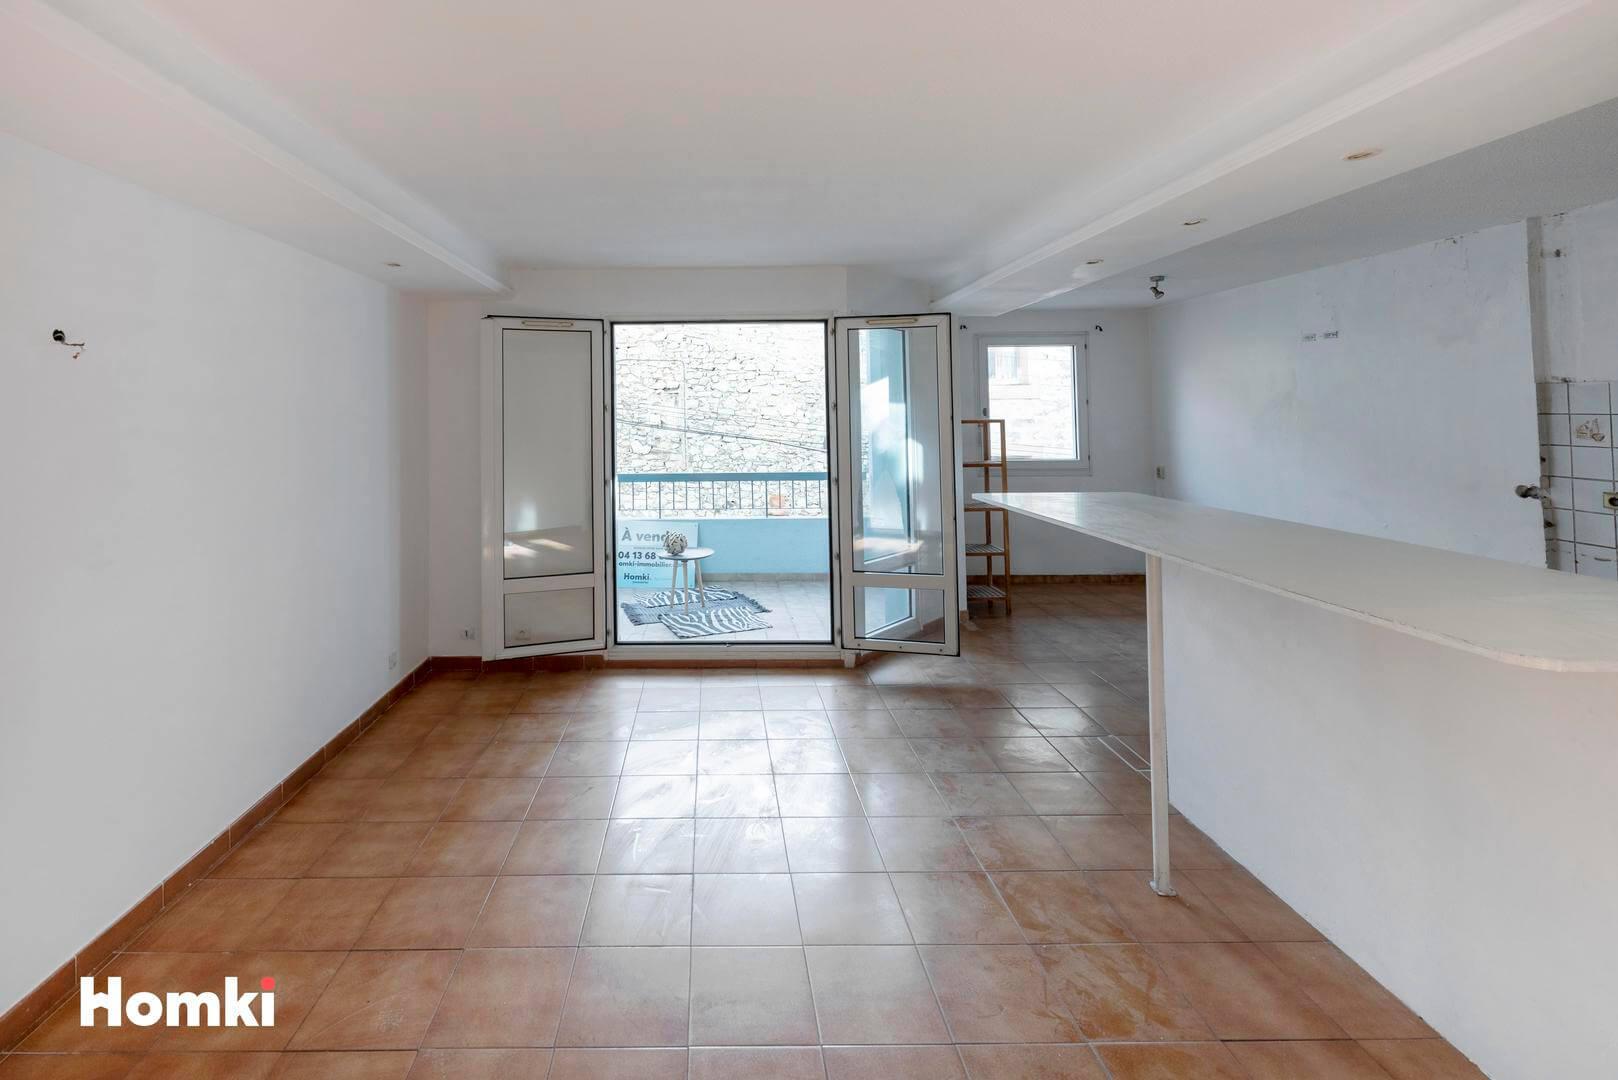 Homki - Vente Appartement  de 74.0 m² à Vallauris 06220